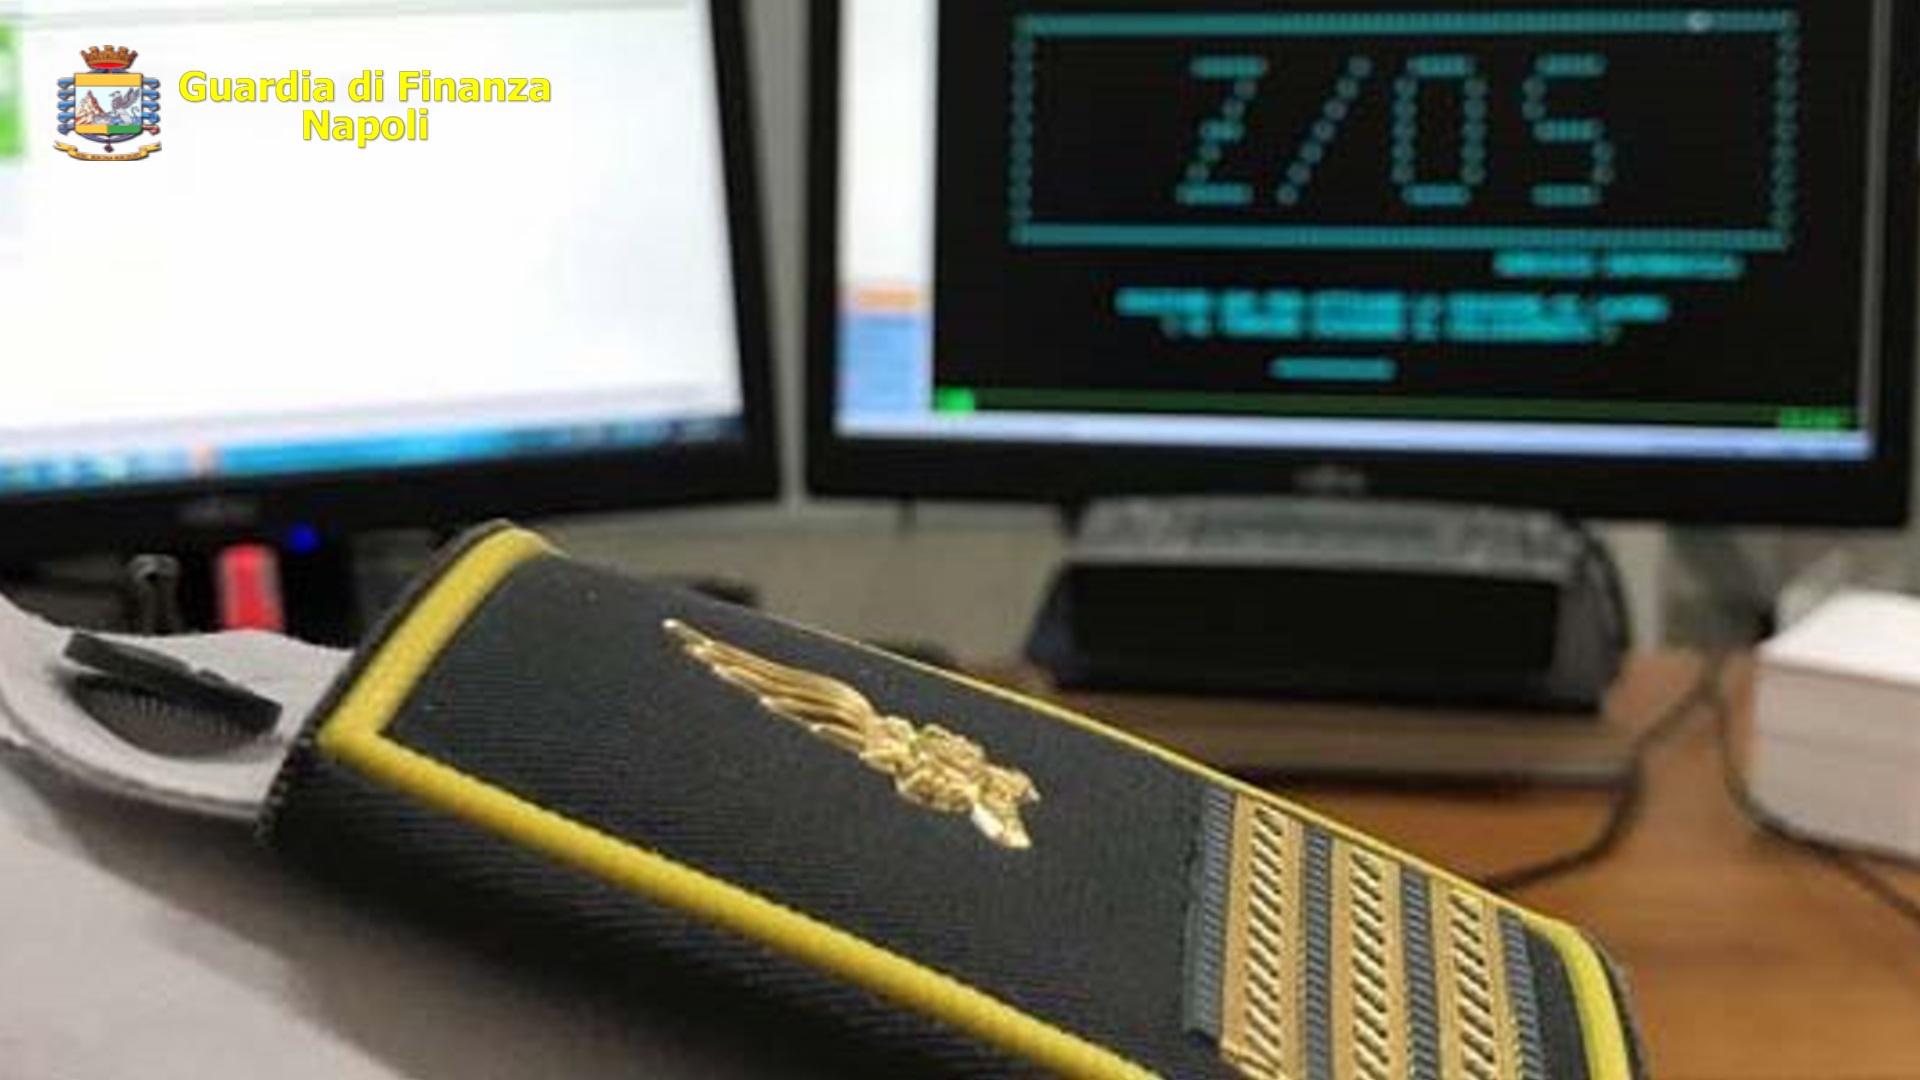 Guardia di Finanza: Concorso per titoli ed esami per il reclutamento di  10 tenenti